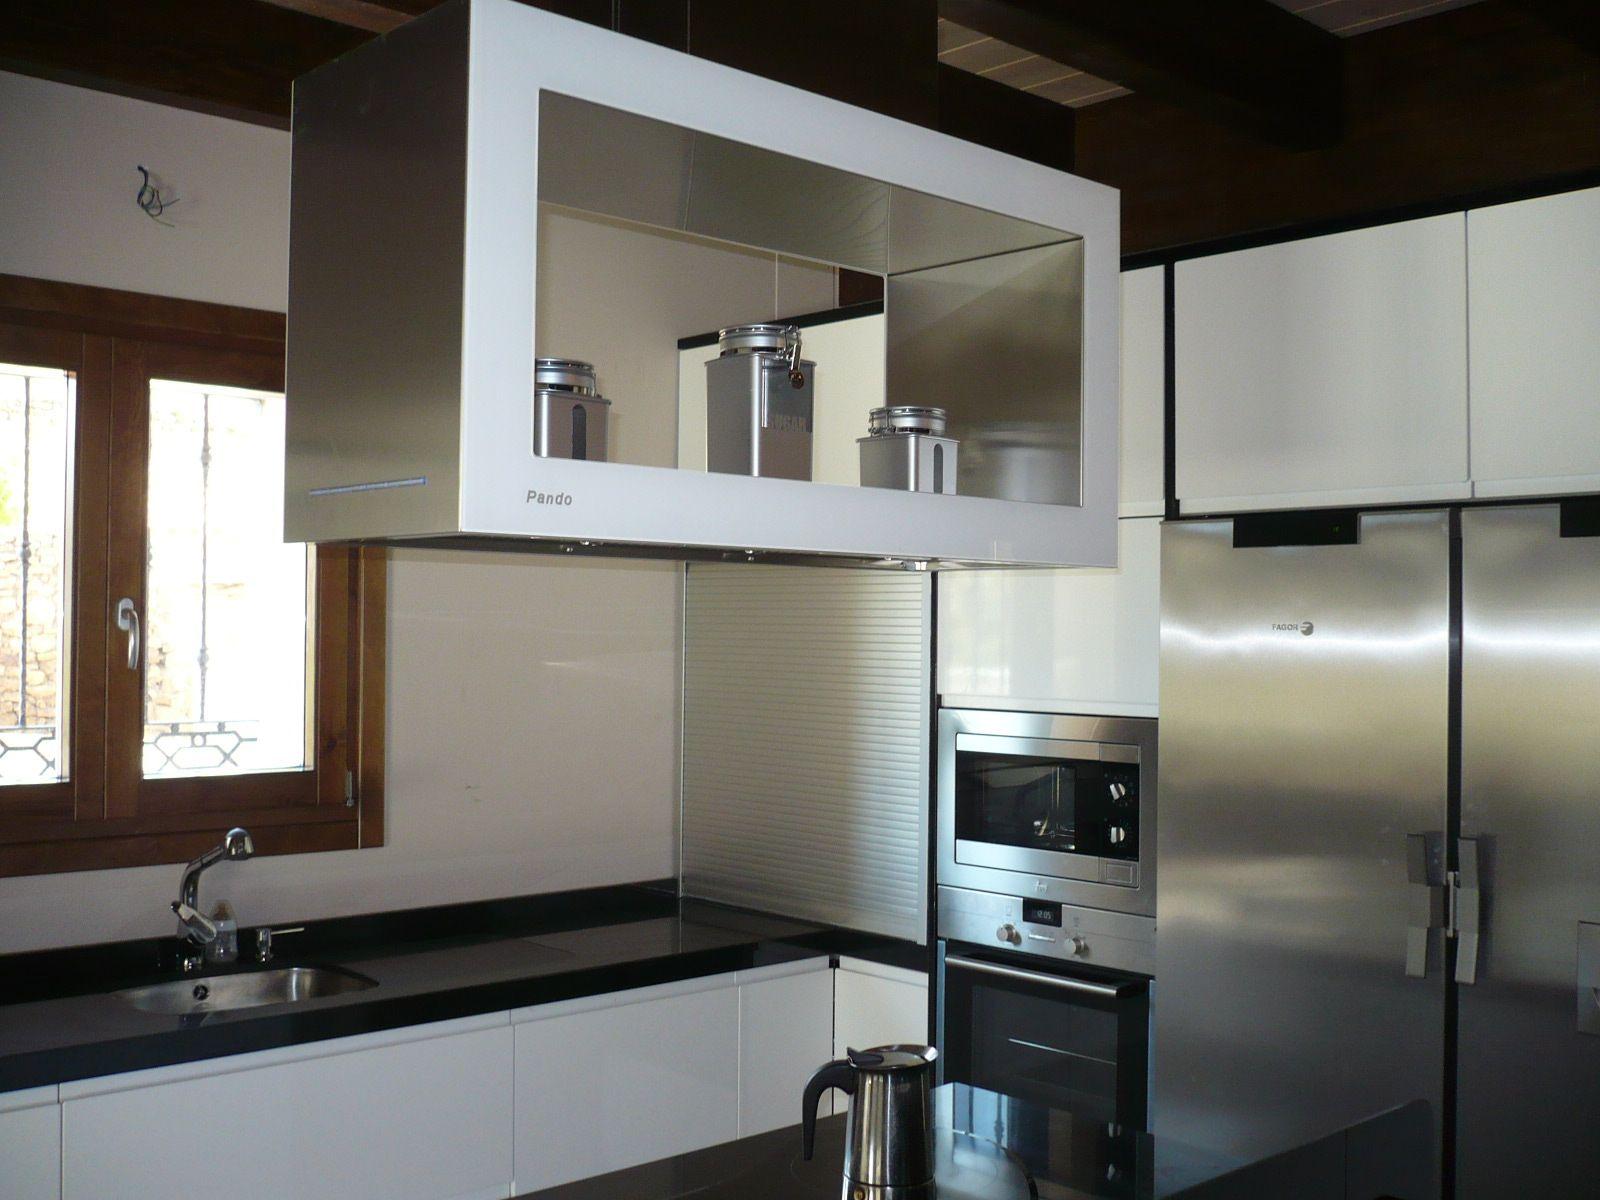 Cocina lacada con campana pando perez vera muebles de for Muebles tormo